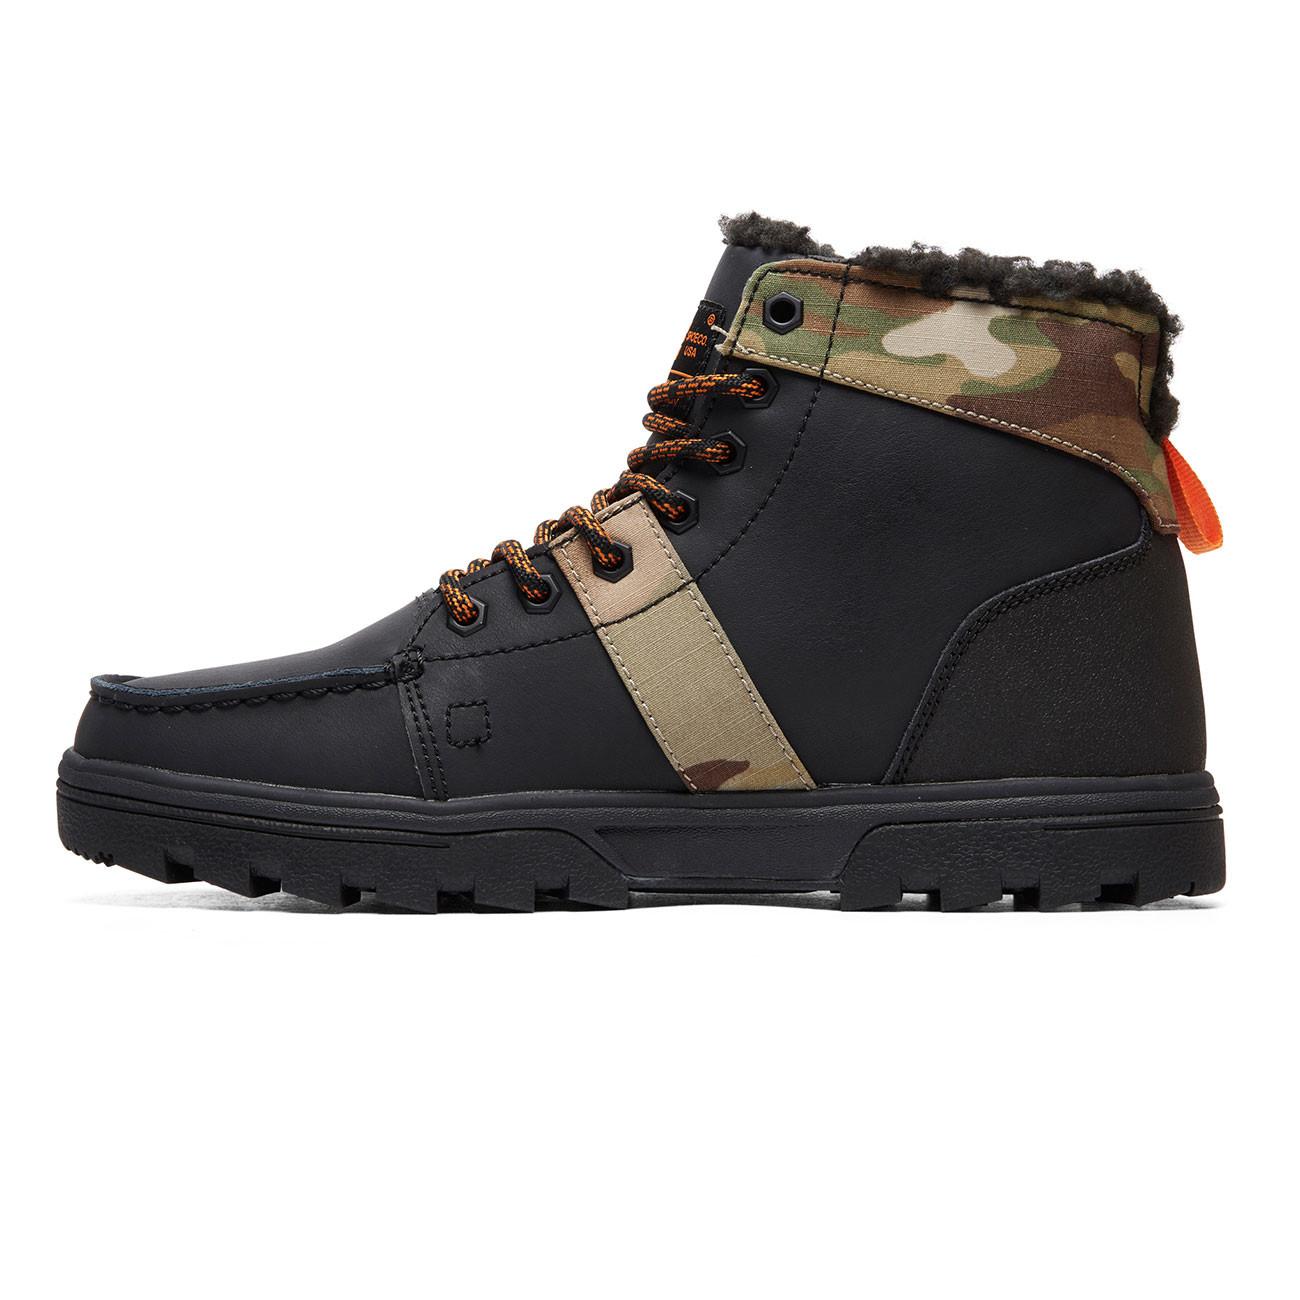 Zimní boty DC Woodland black multi  5807cfe46d